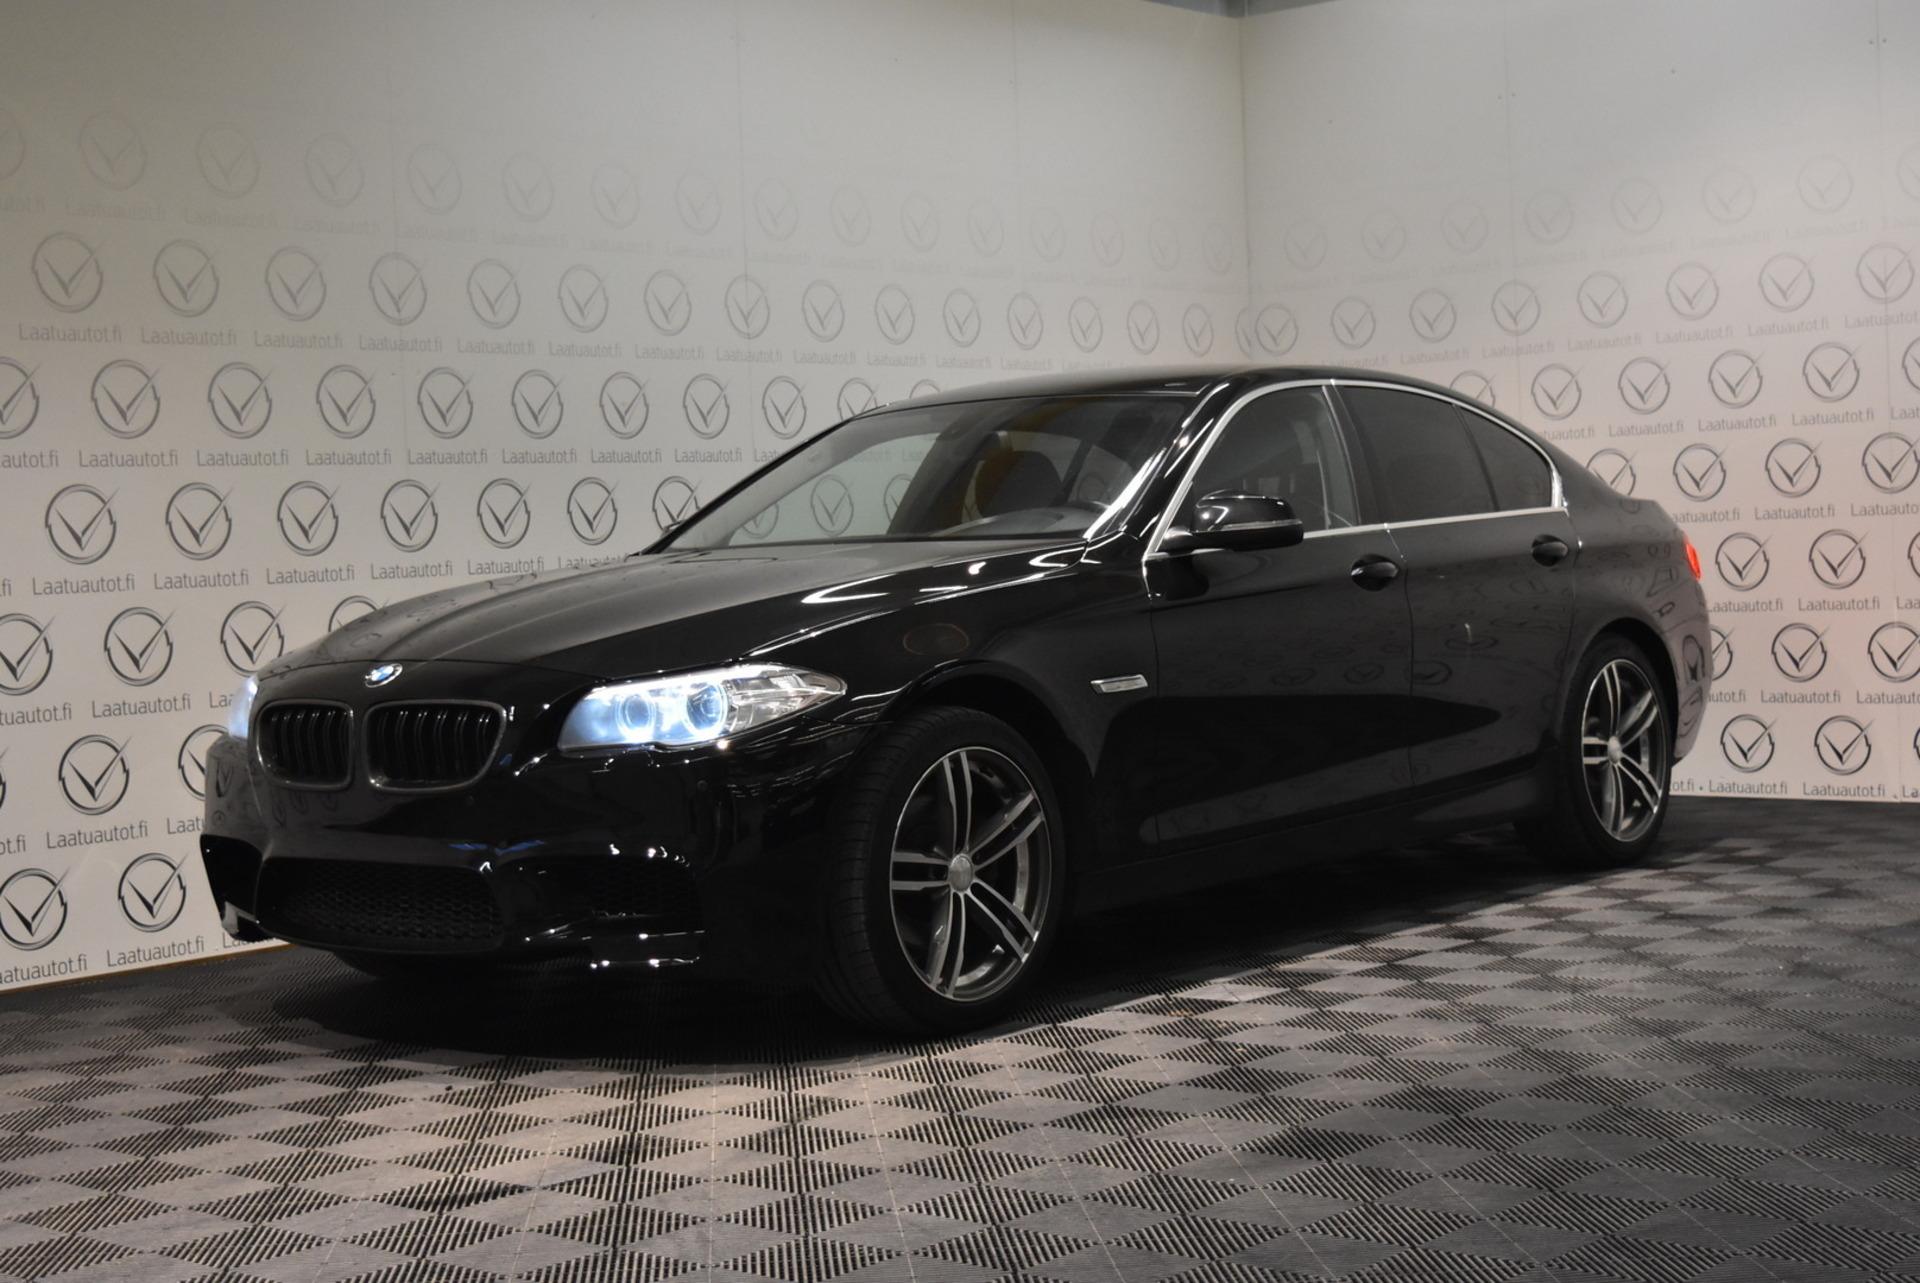 BMW 518 F10 Sedan 518d TwinPower Turbo A Business Automatic - ,  Korko 1, 89%,  rahoitus jopa ilman käsirahaa! PDC,  Xenon,  19